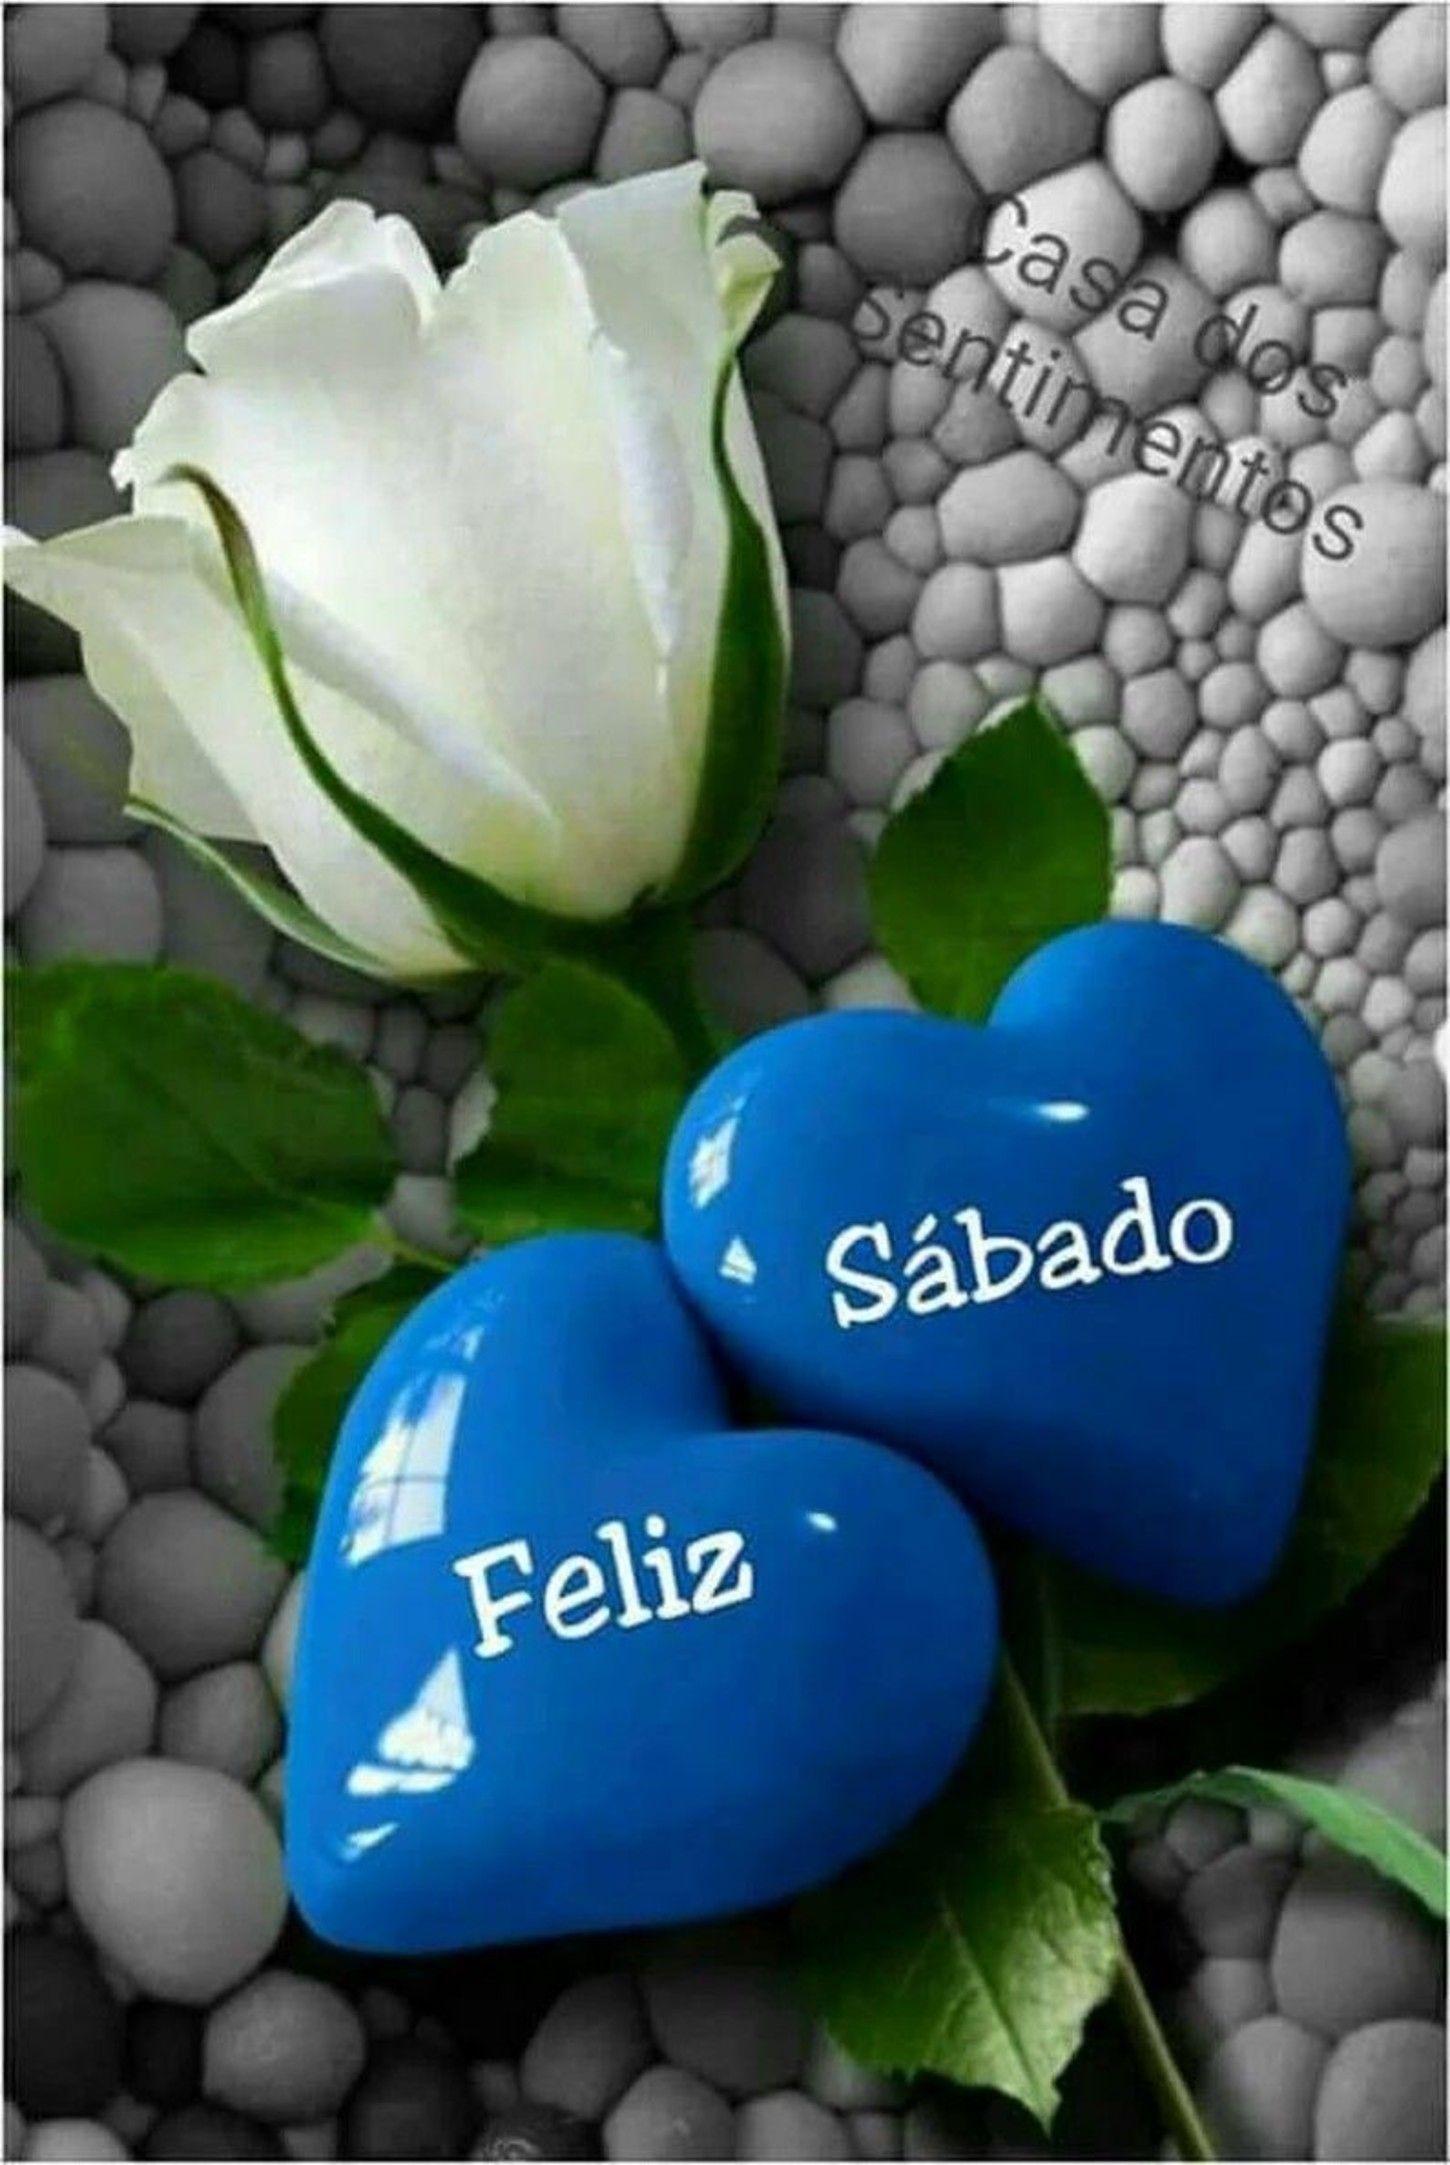 Feliz Sábado Bonitasimagenes Net Imágenes Con Frases De Buenos Días Feliz Sábado Imagenes De Feliz Sabado